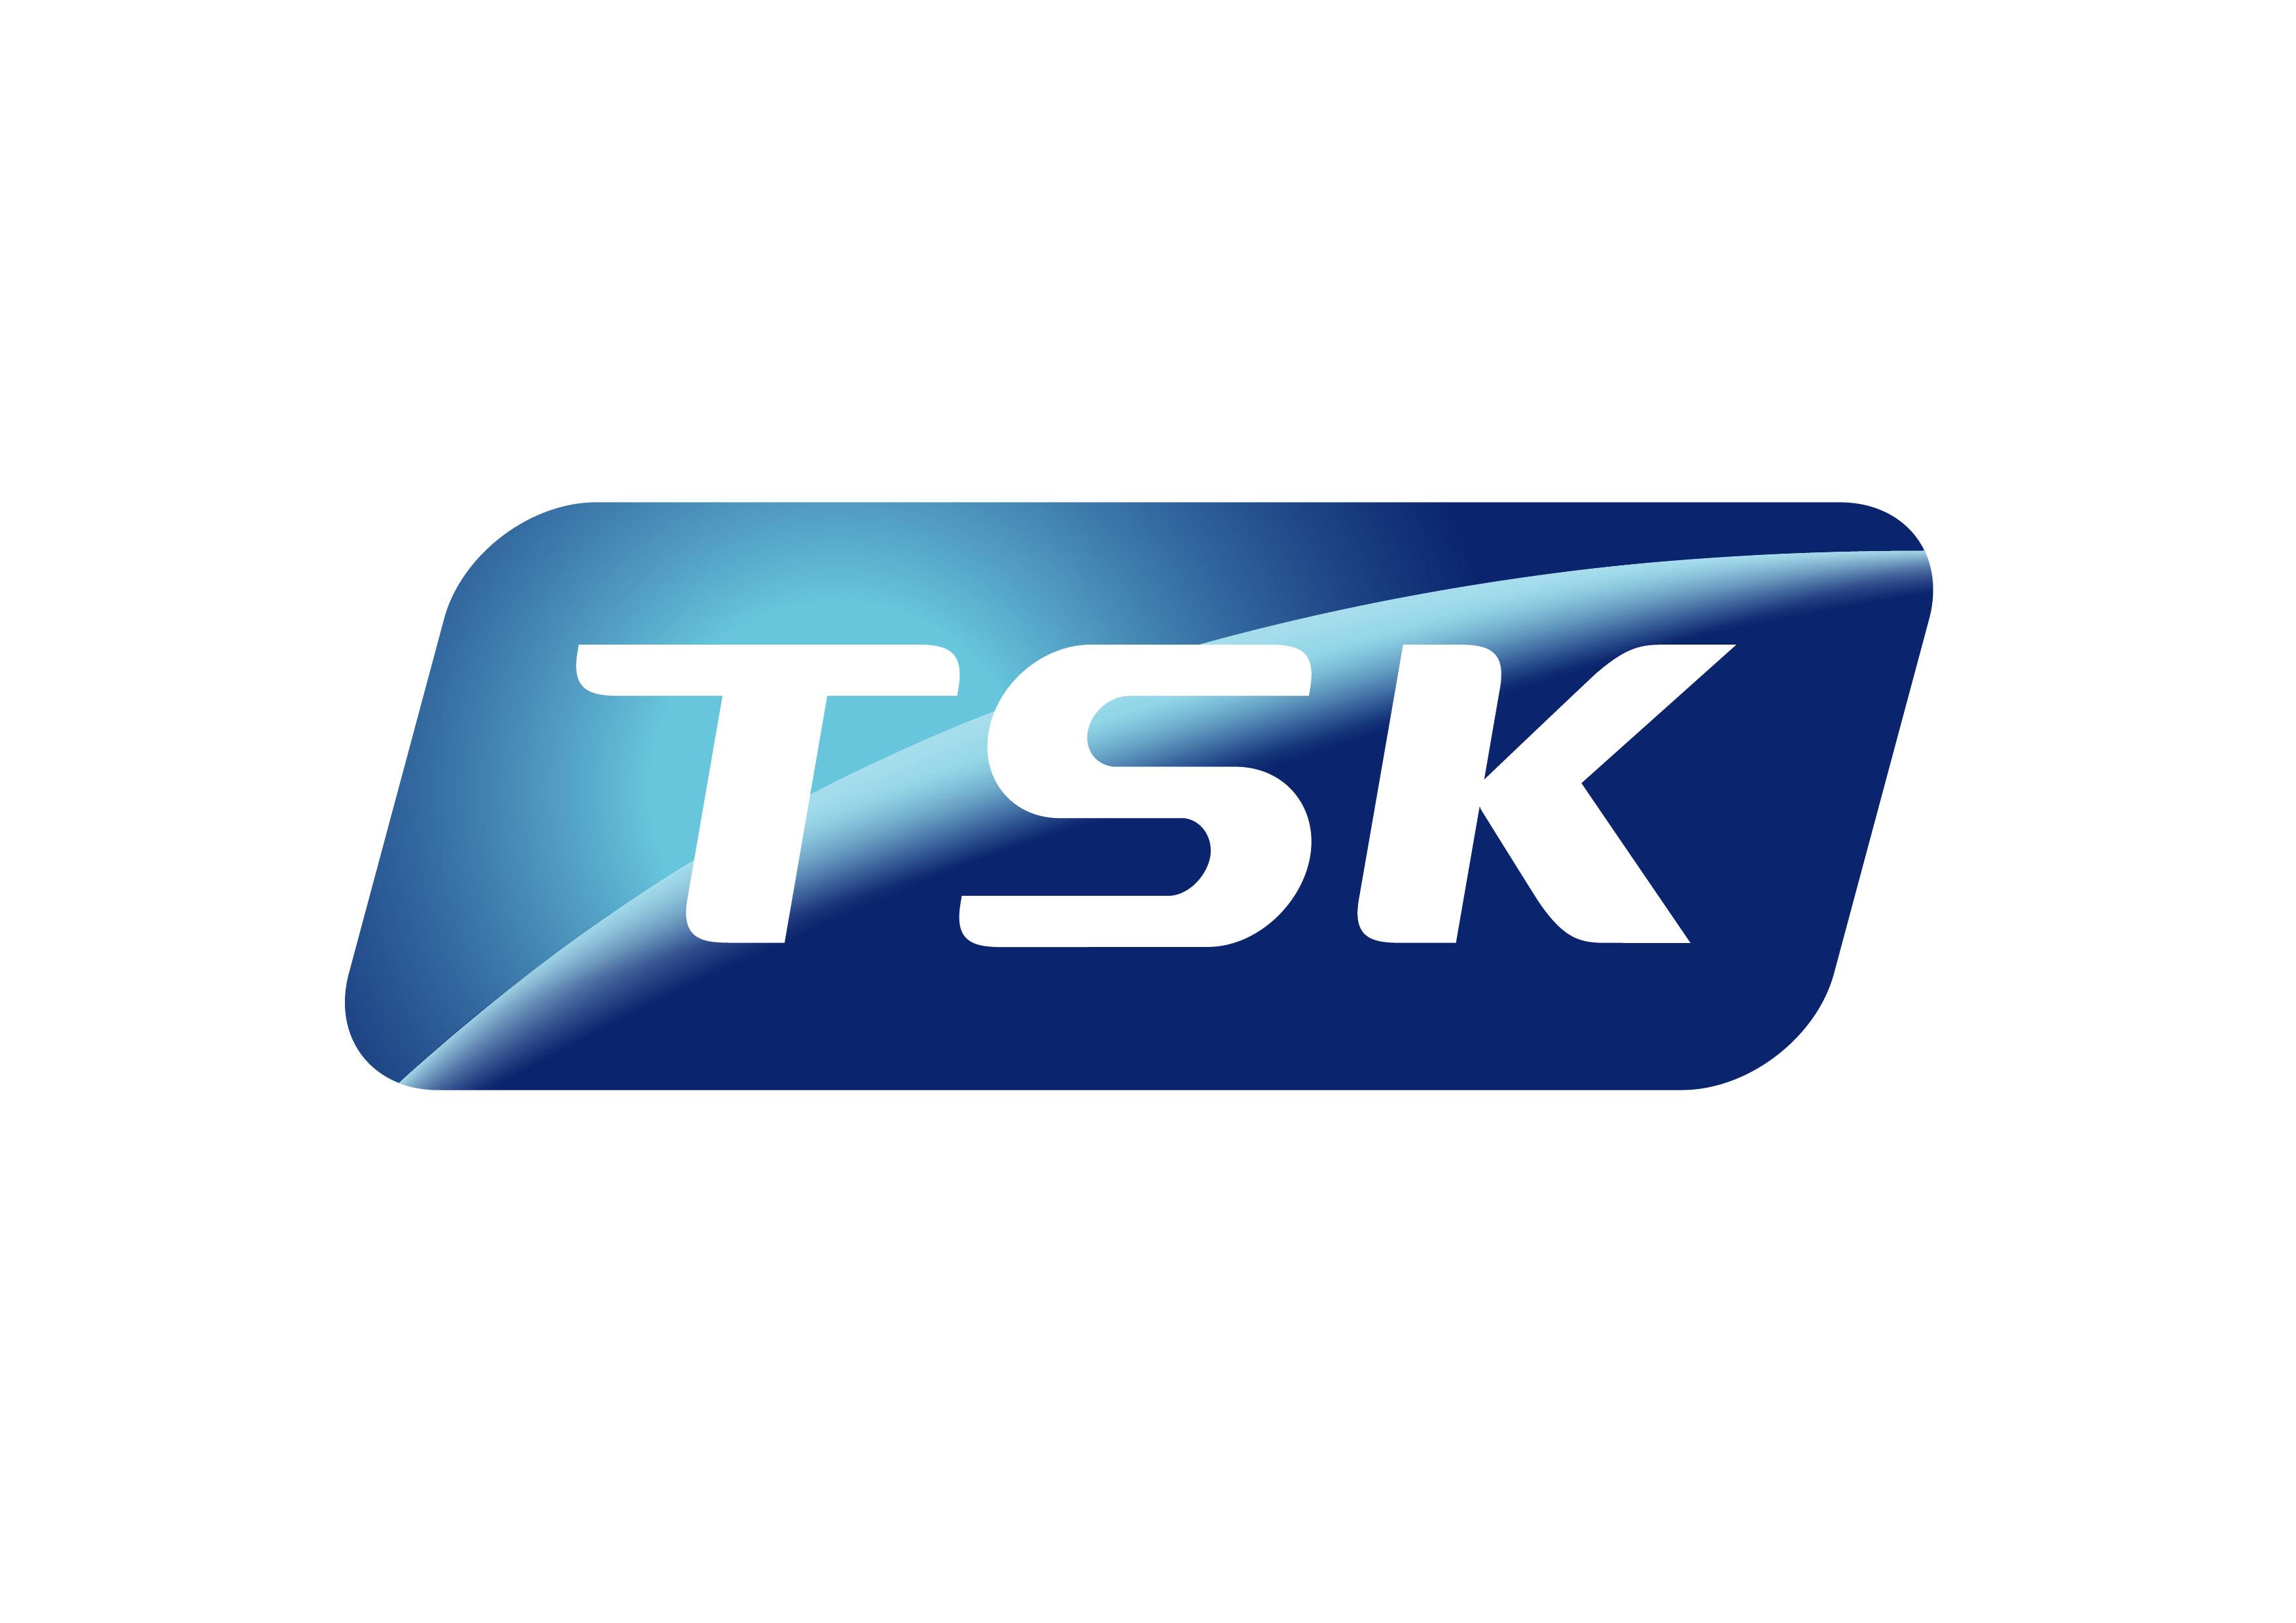 태영의 계열사 (주)티에스케이코퍼레이션의 로고